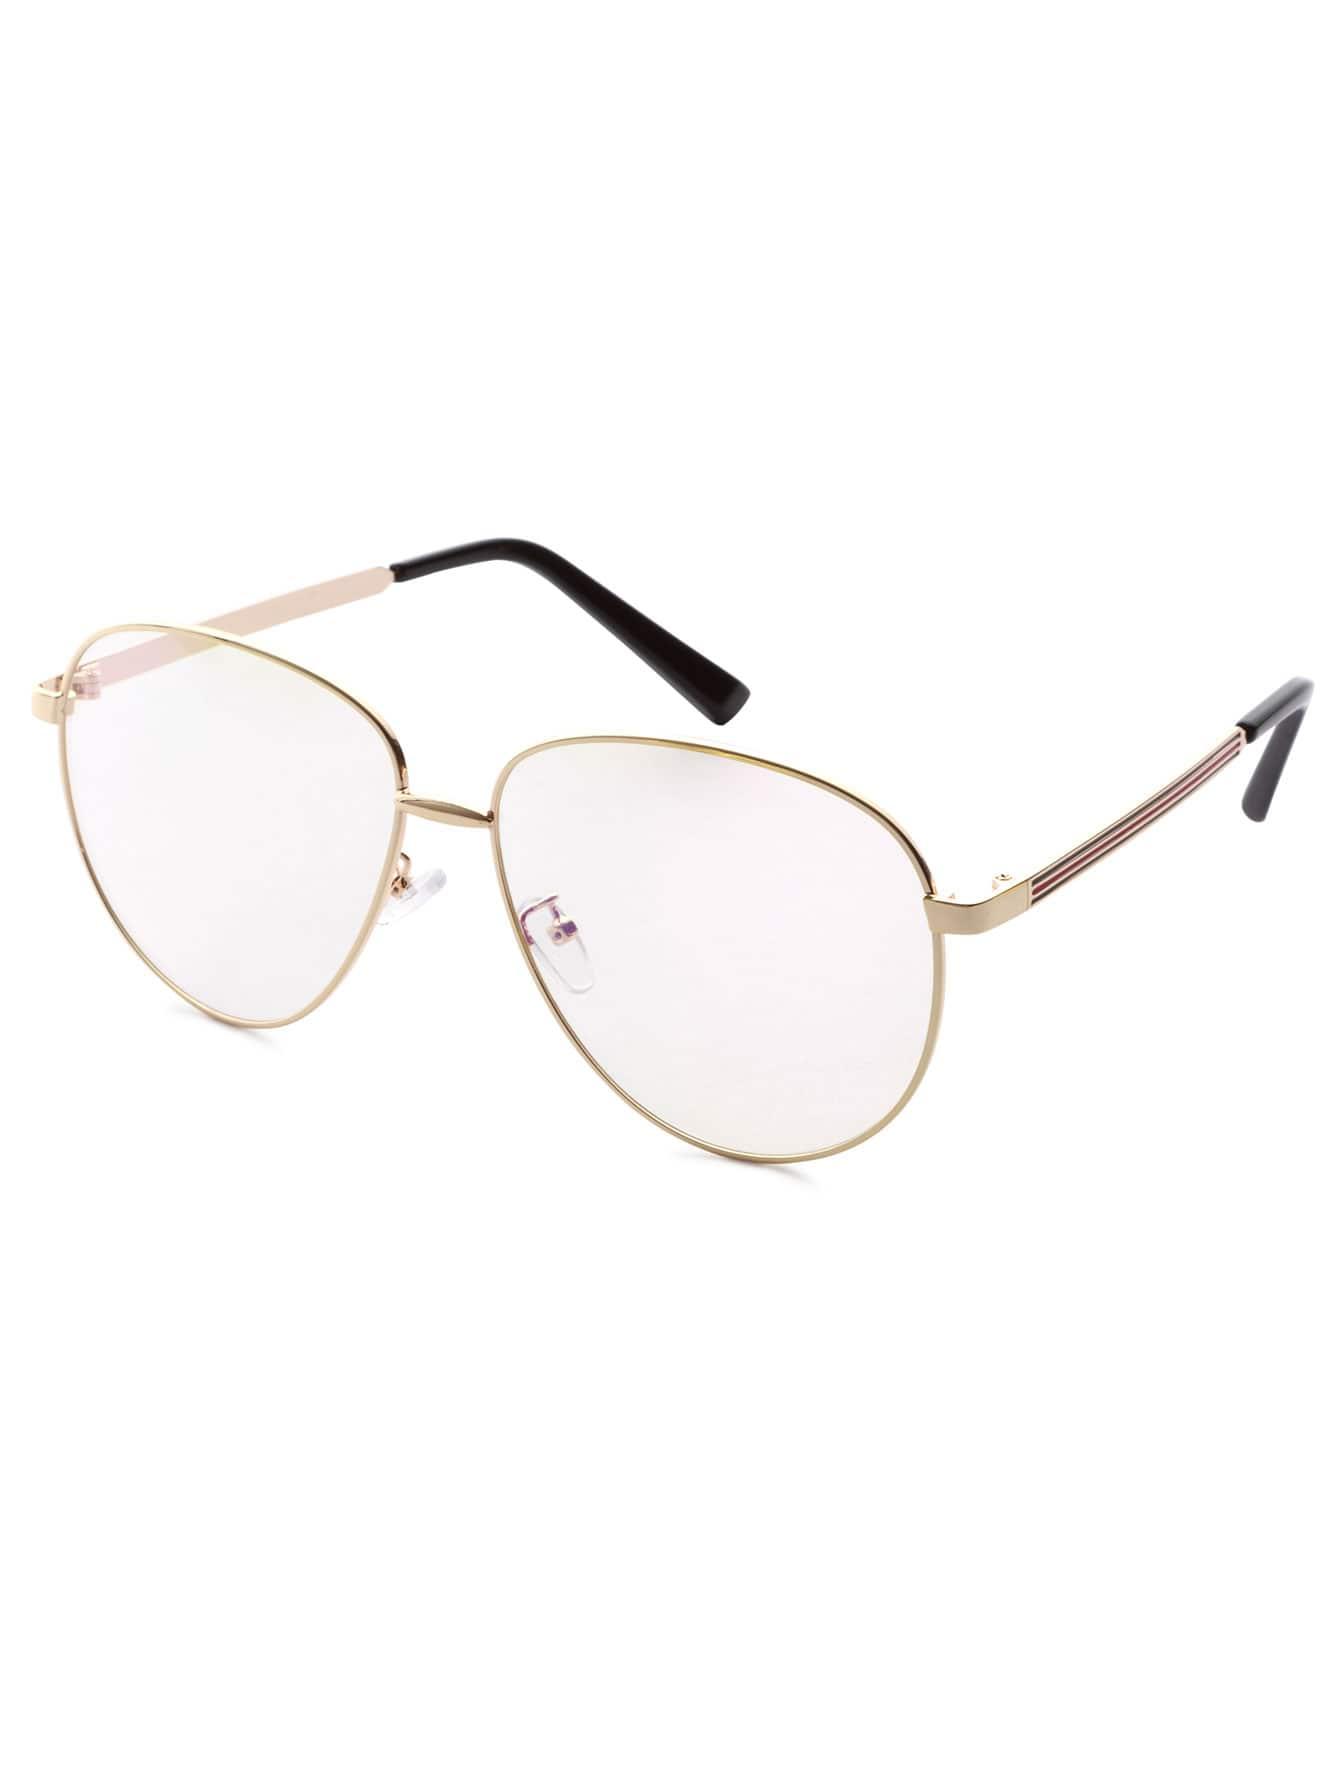 ae9778adf5 Gafas vintage con lentes grandes - dorado | SHEIN ES